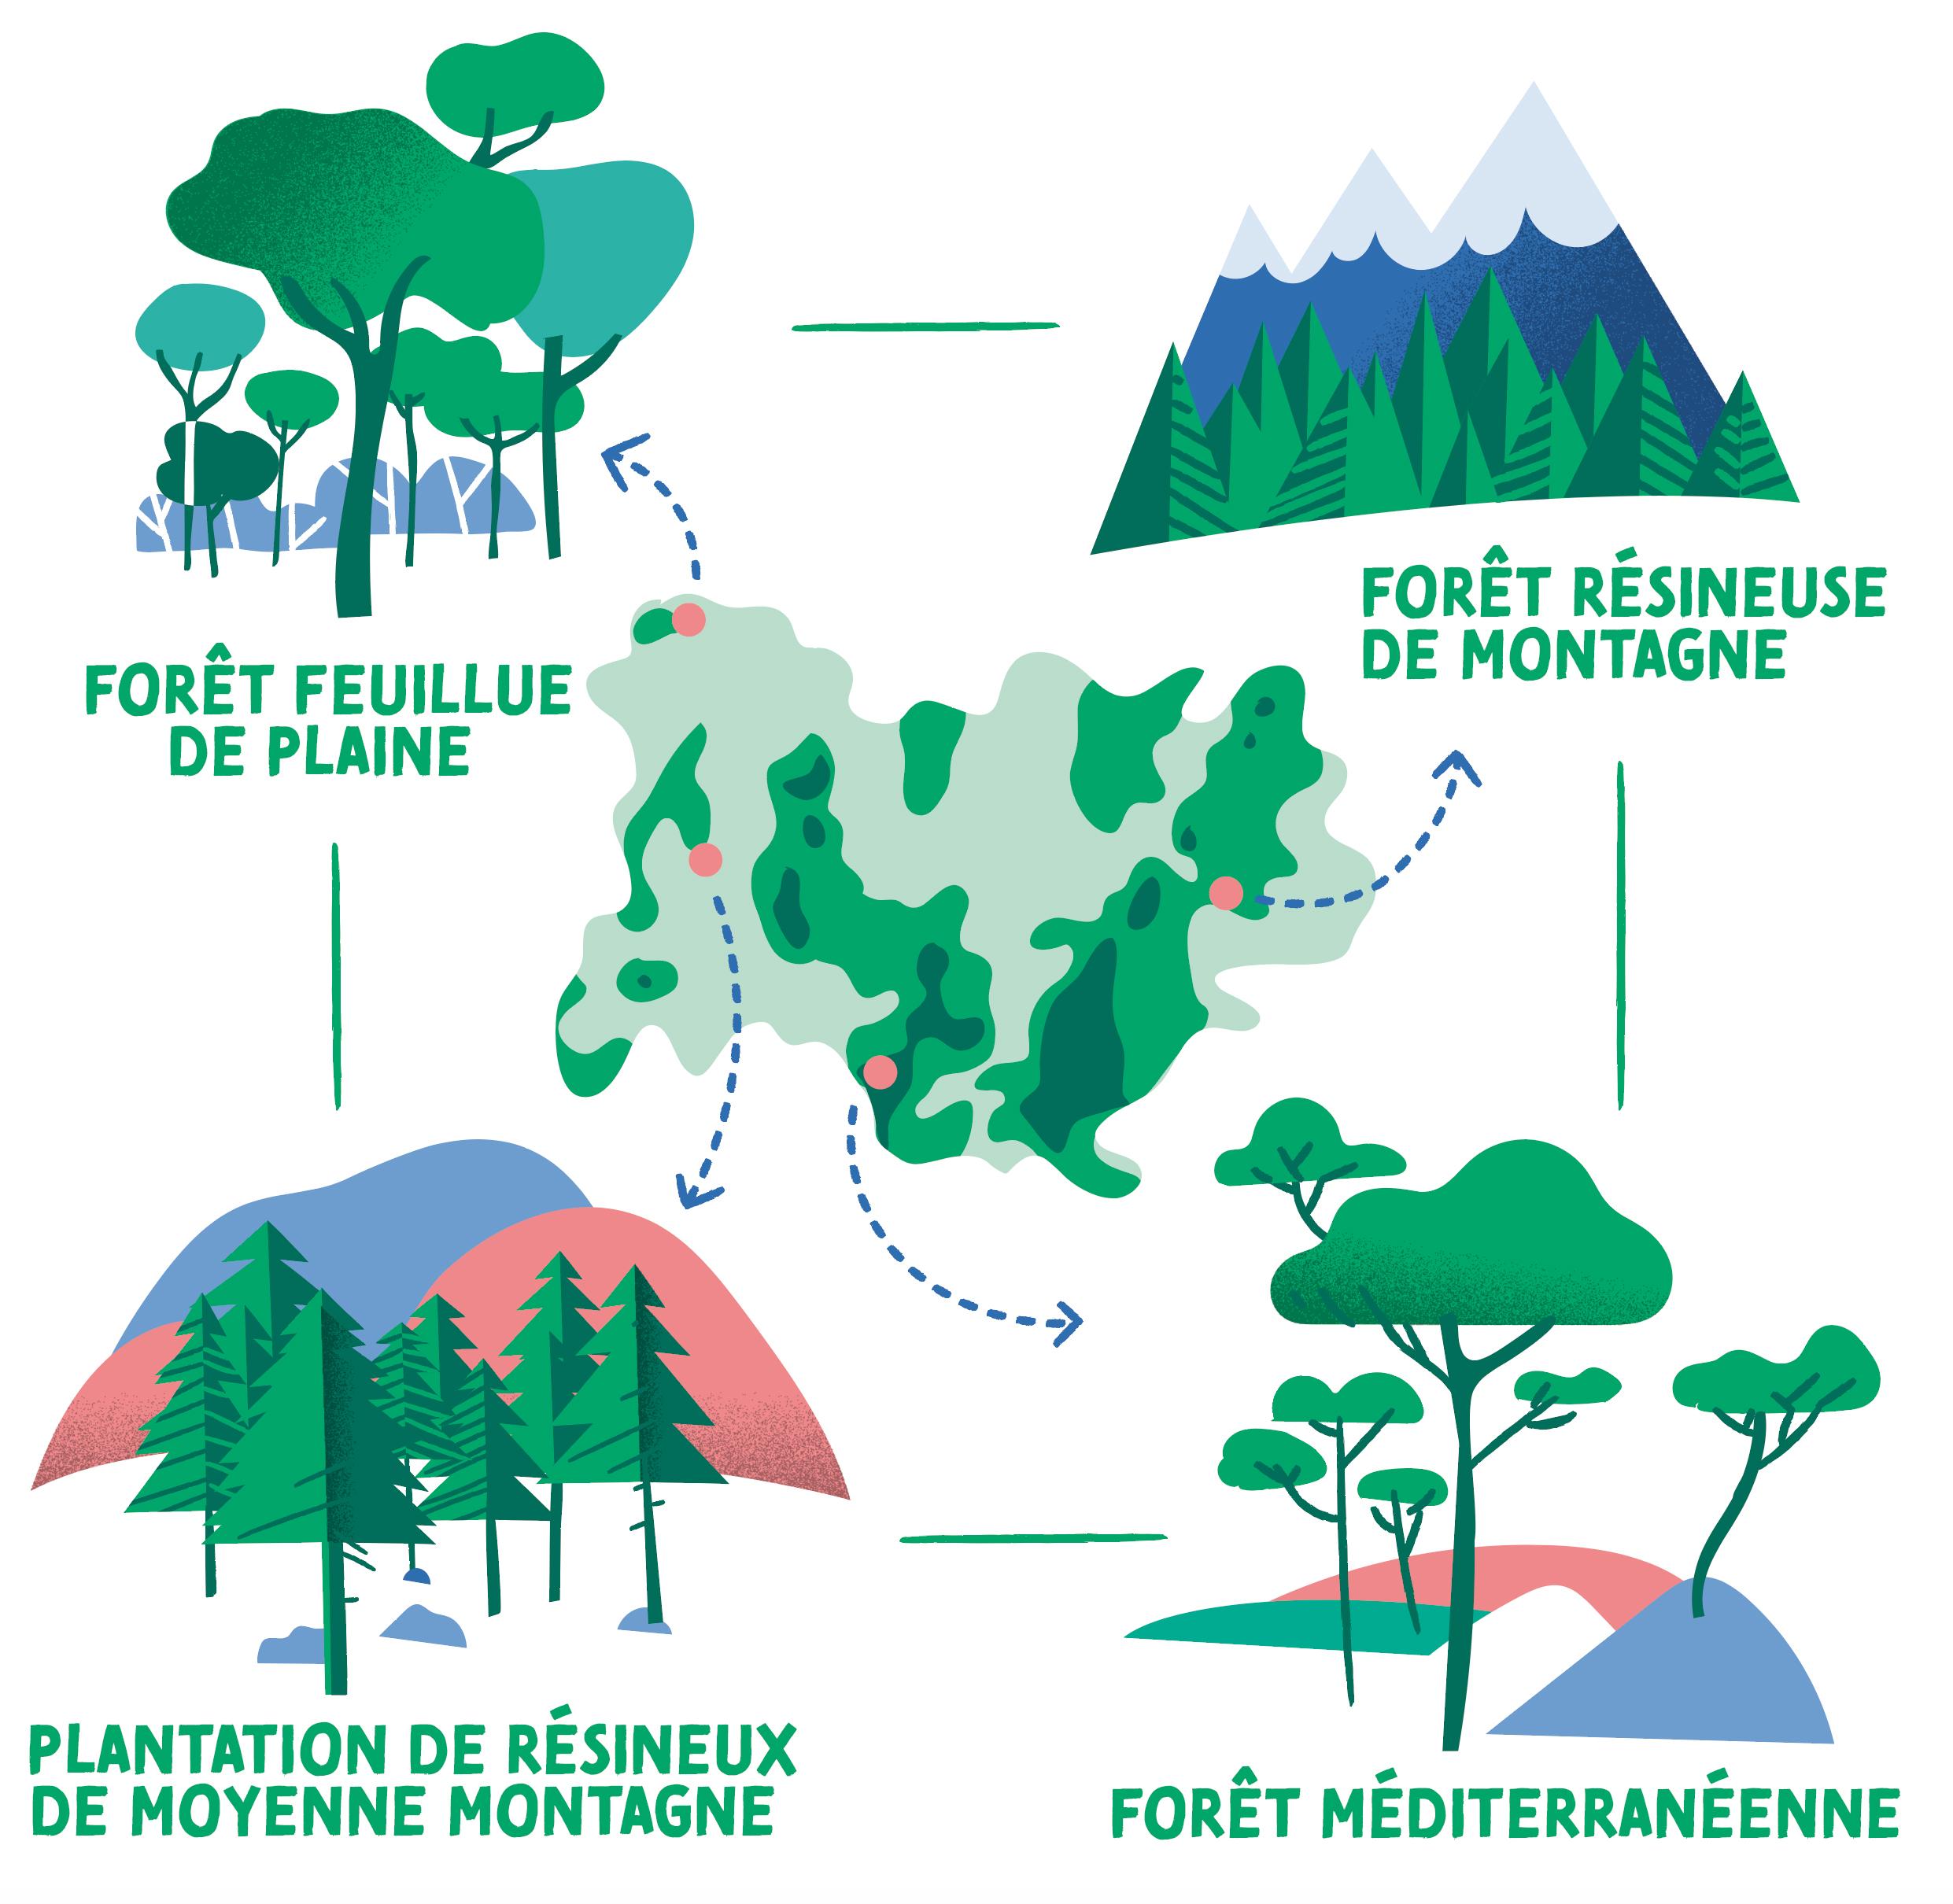 DRAAF_Region-Auvergne-Rhone-Alpes-Exposition-design-information-balade-foret-schema